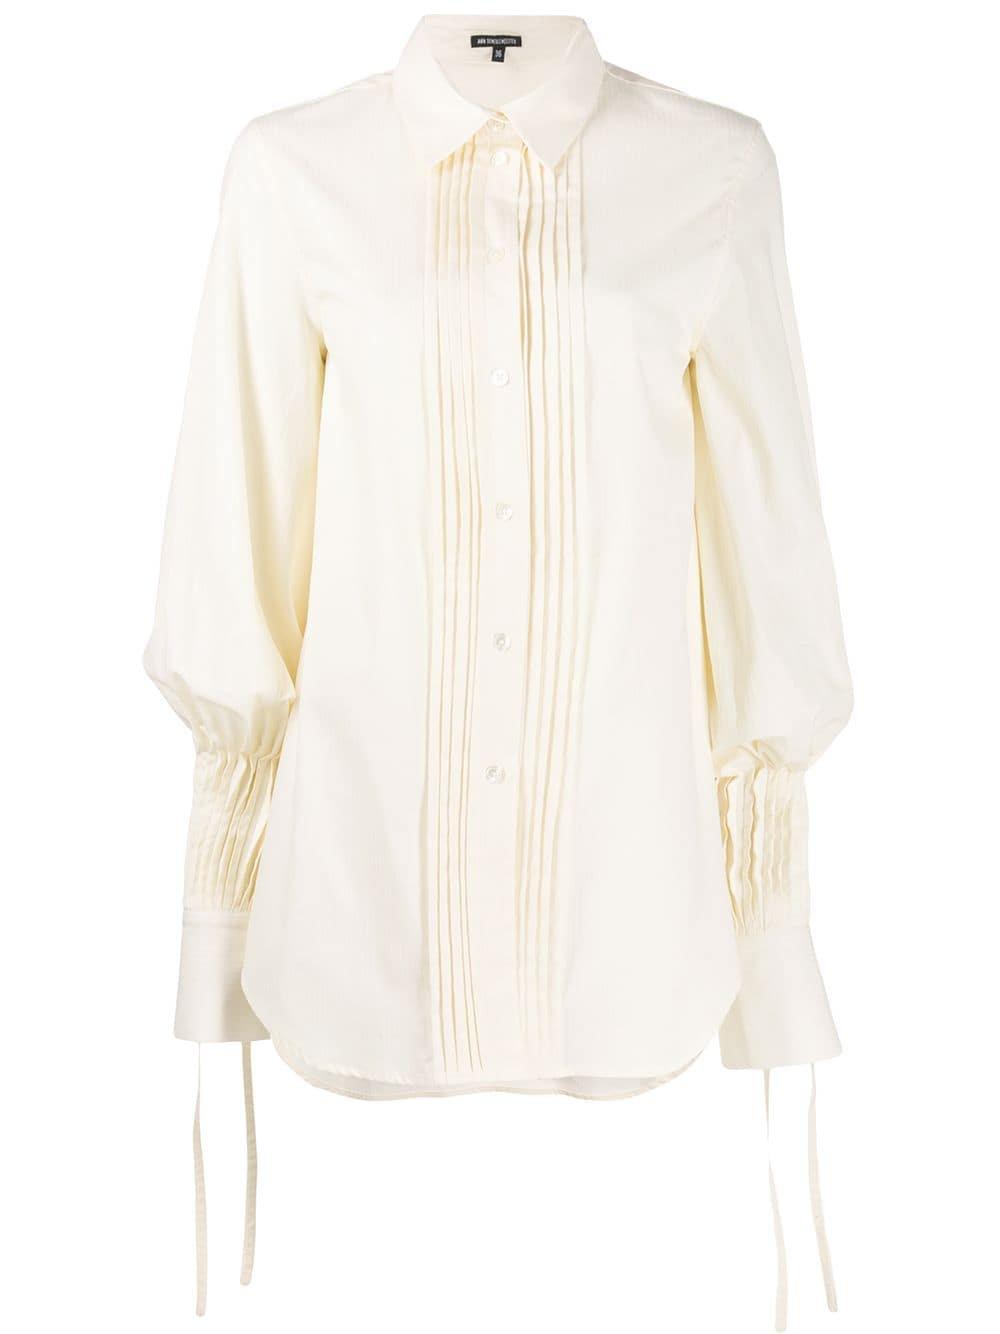 White Ann Demeulemeester Ecru Shirt | Farfetch.com